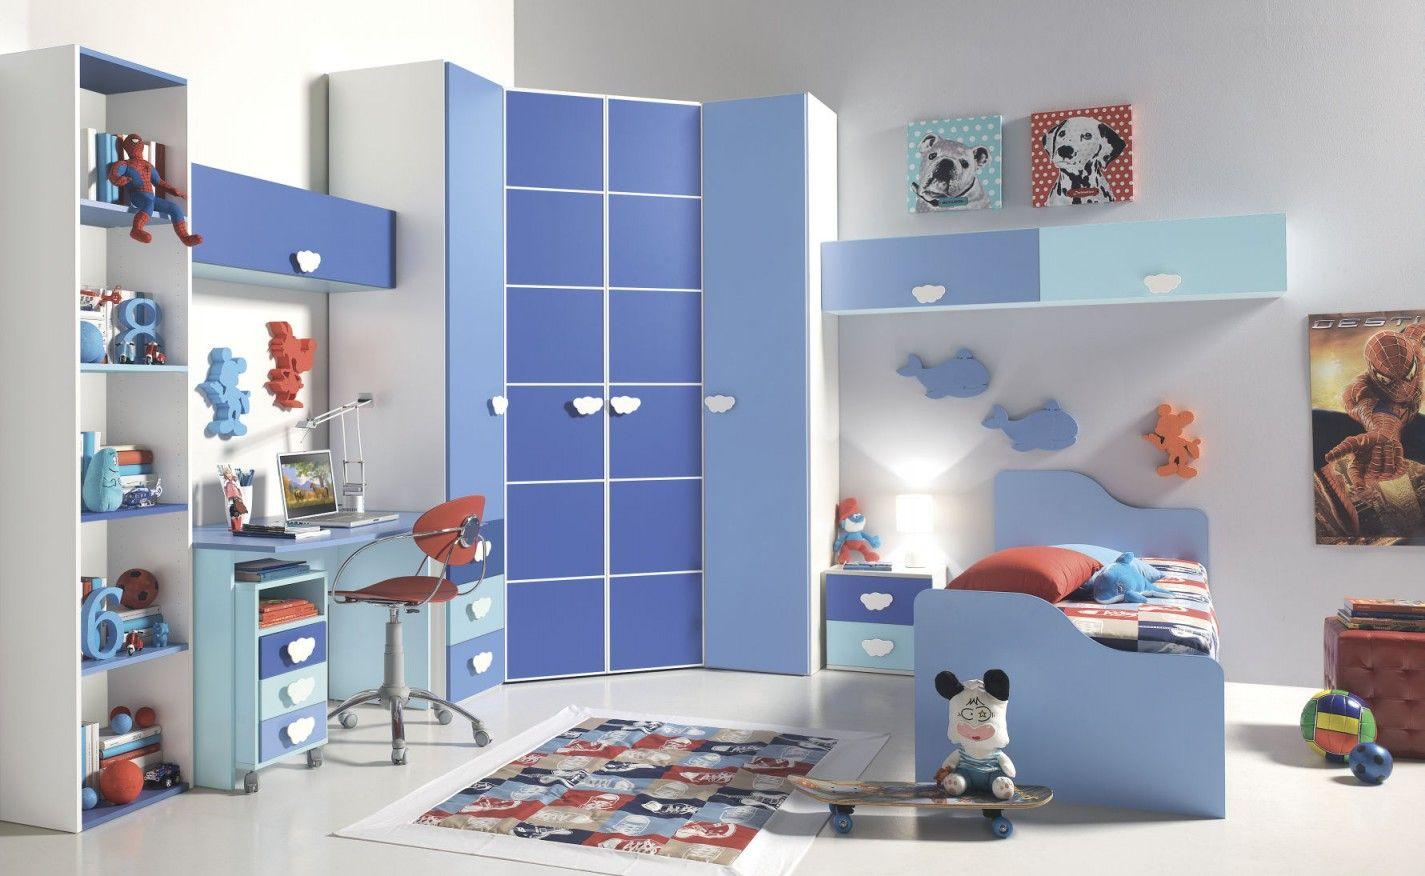 Design Camerette ~ Camera leonardo #camerette #furnishing #bedrooms #design